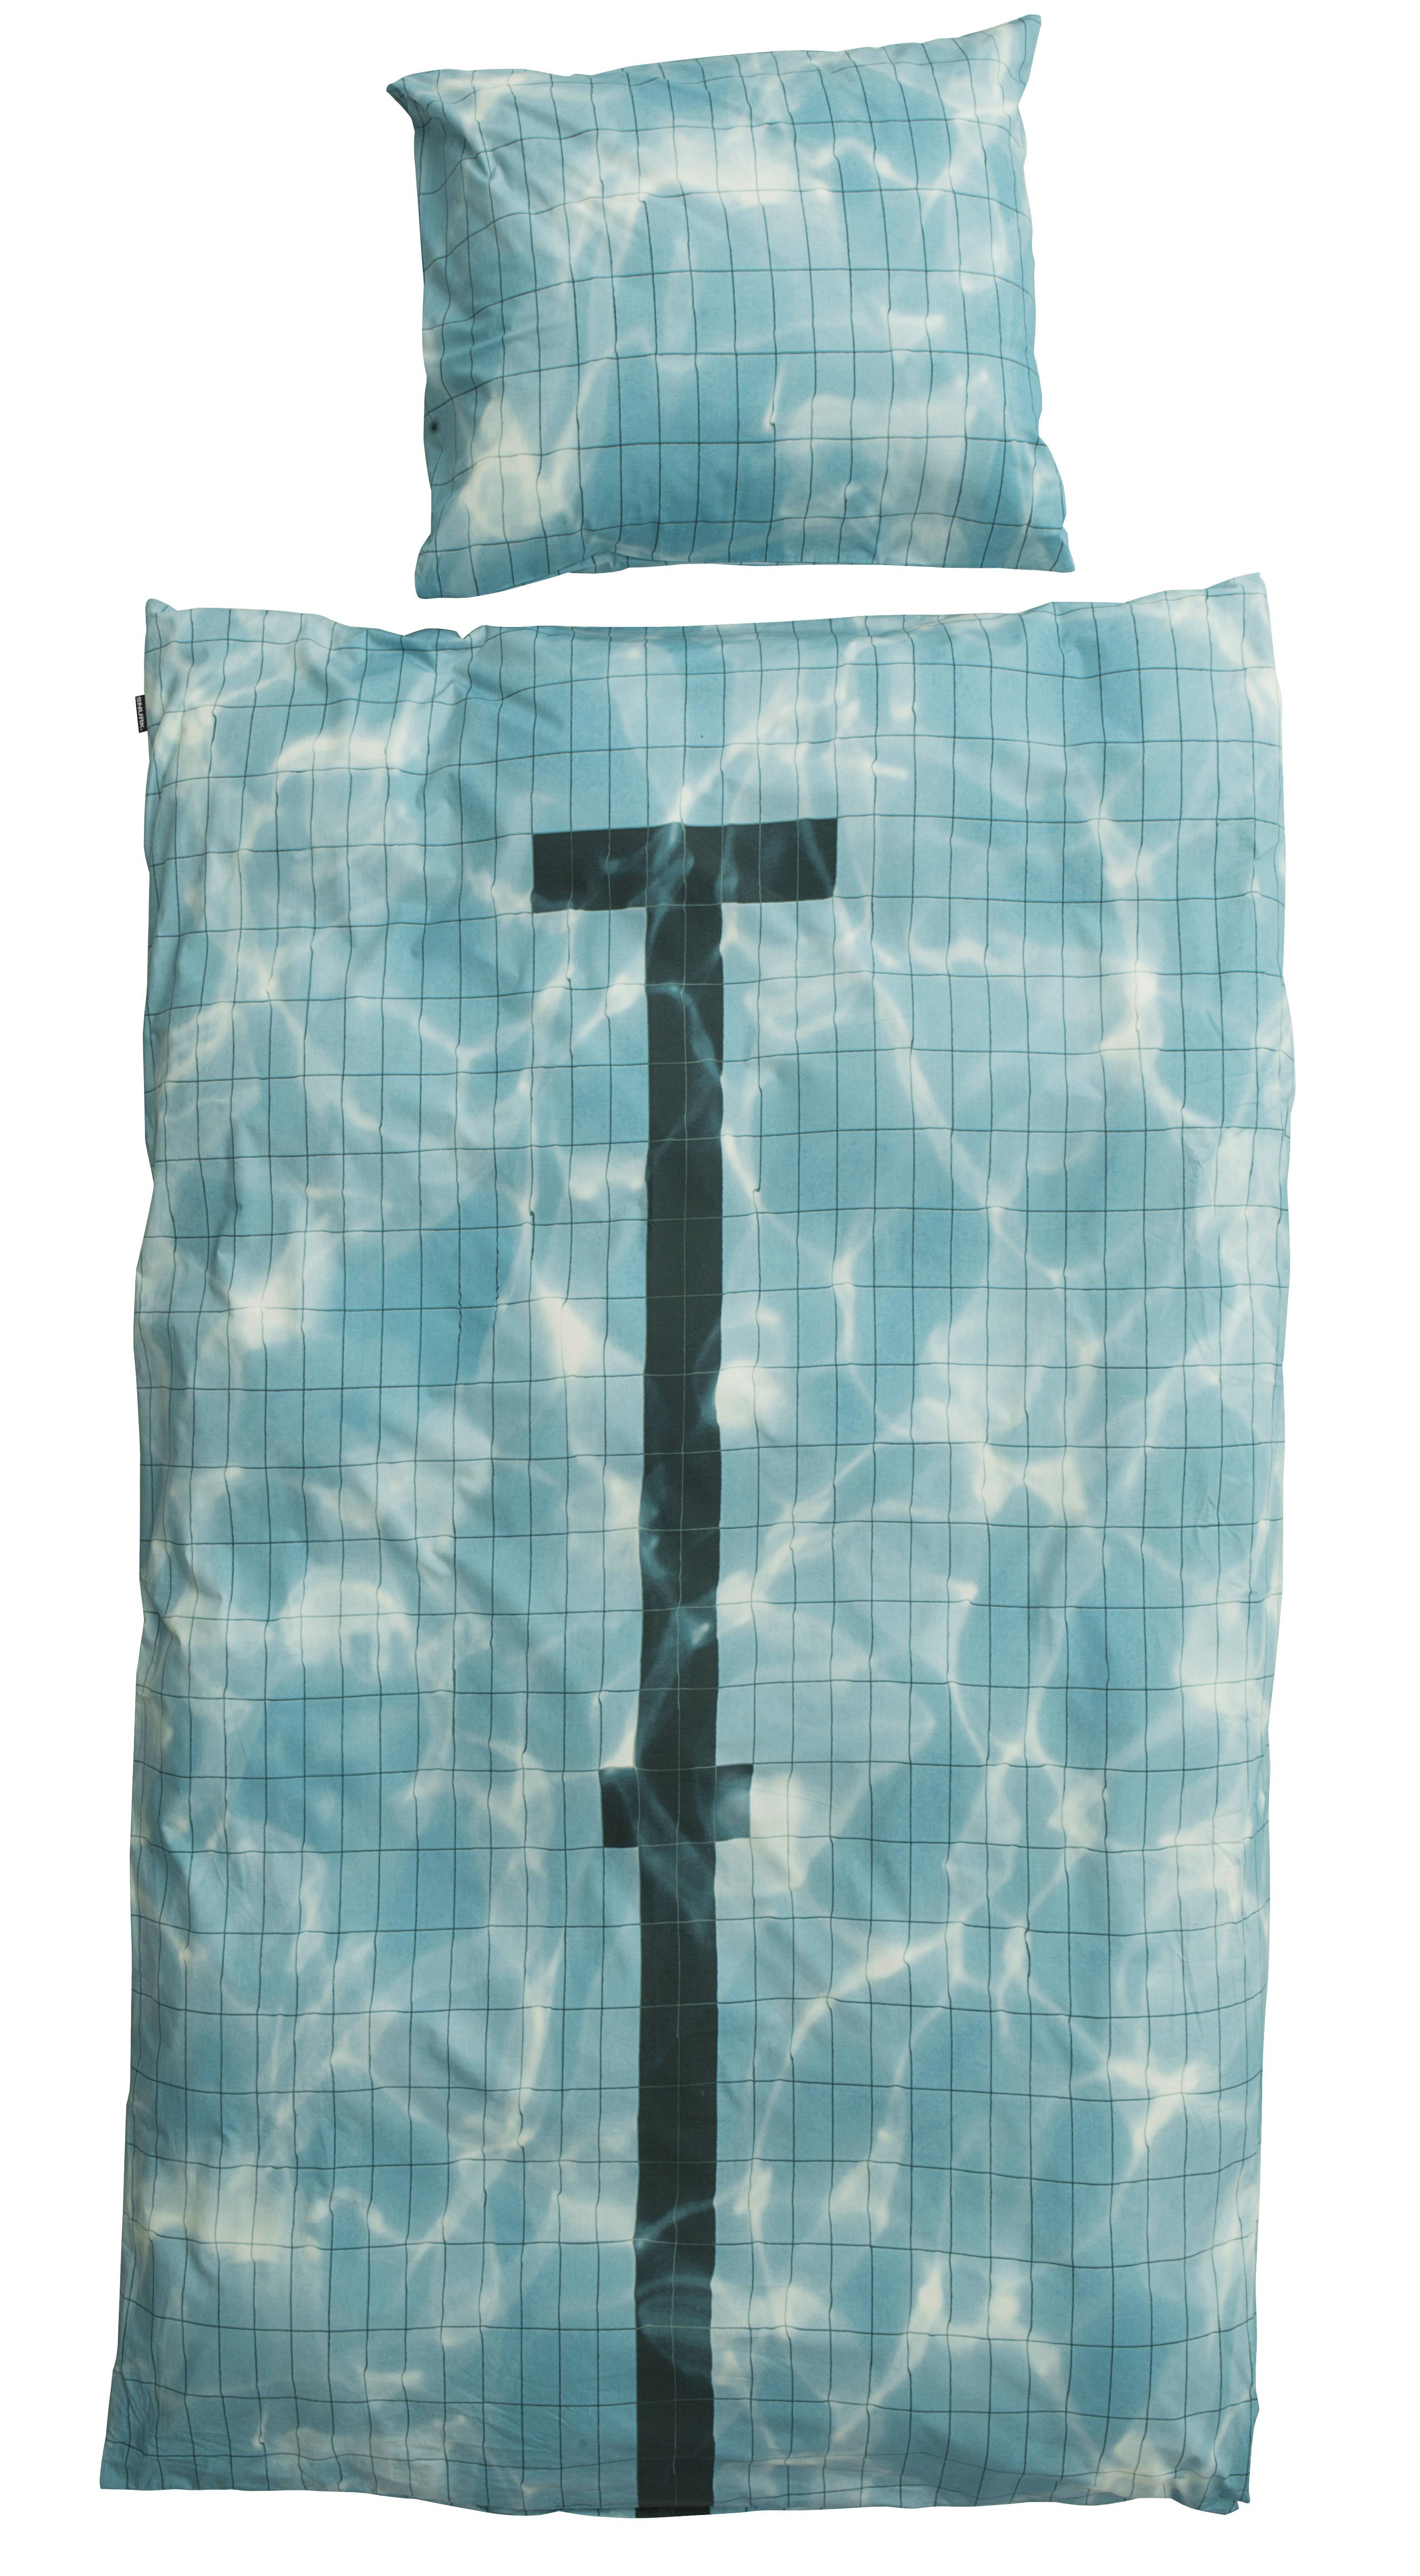 Déco - Pour les enfants - Parure de lit 1 personne Pool / 140 x 200 cm - Snurk - Piscine - Percale de coton